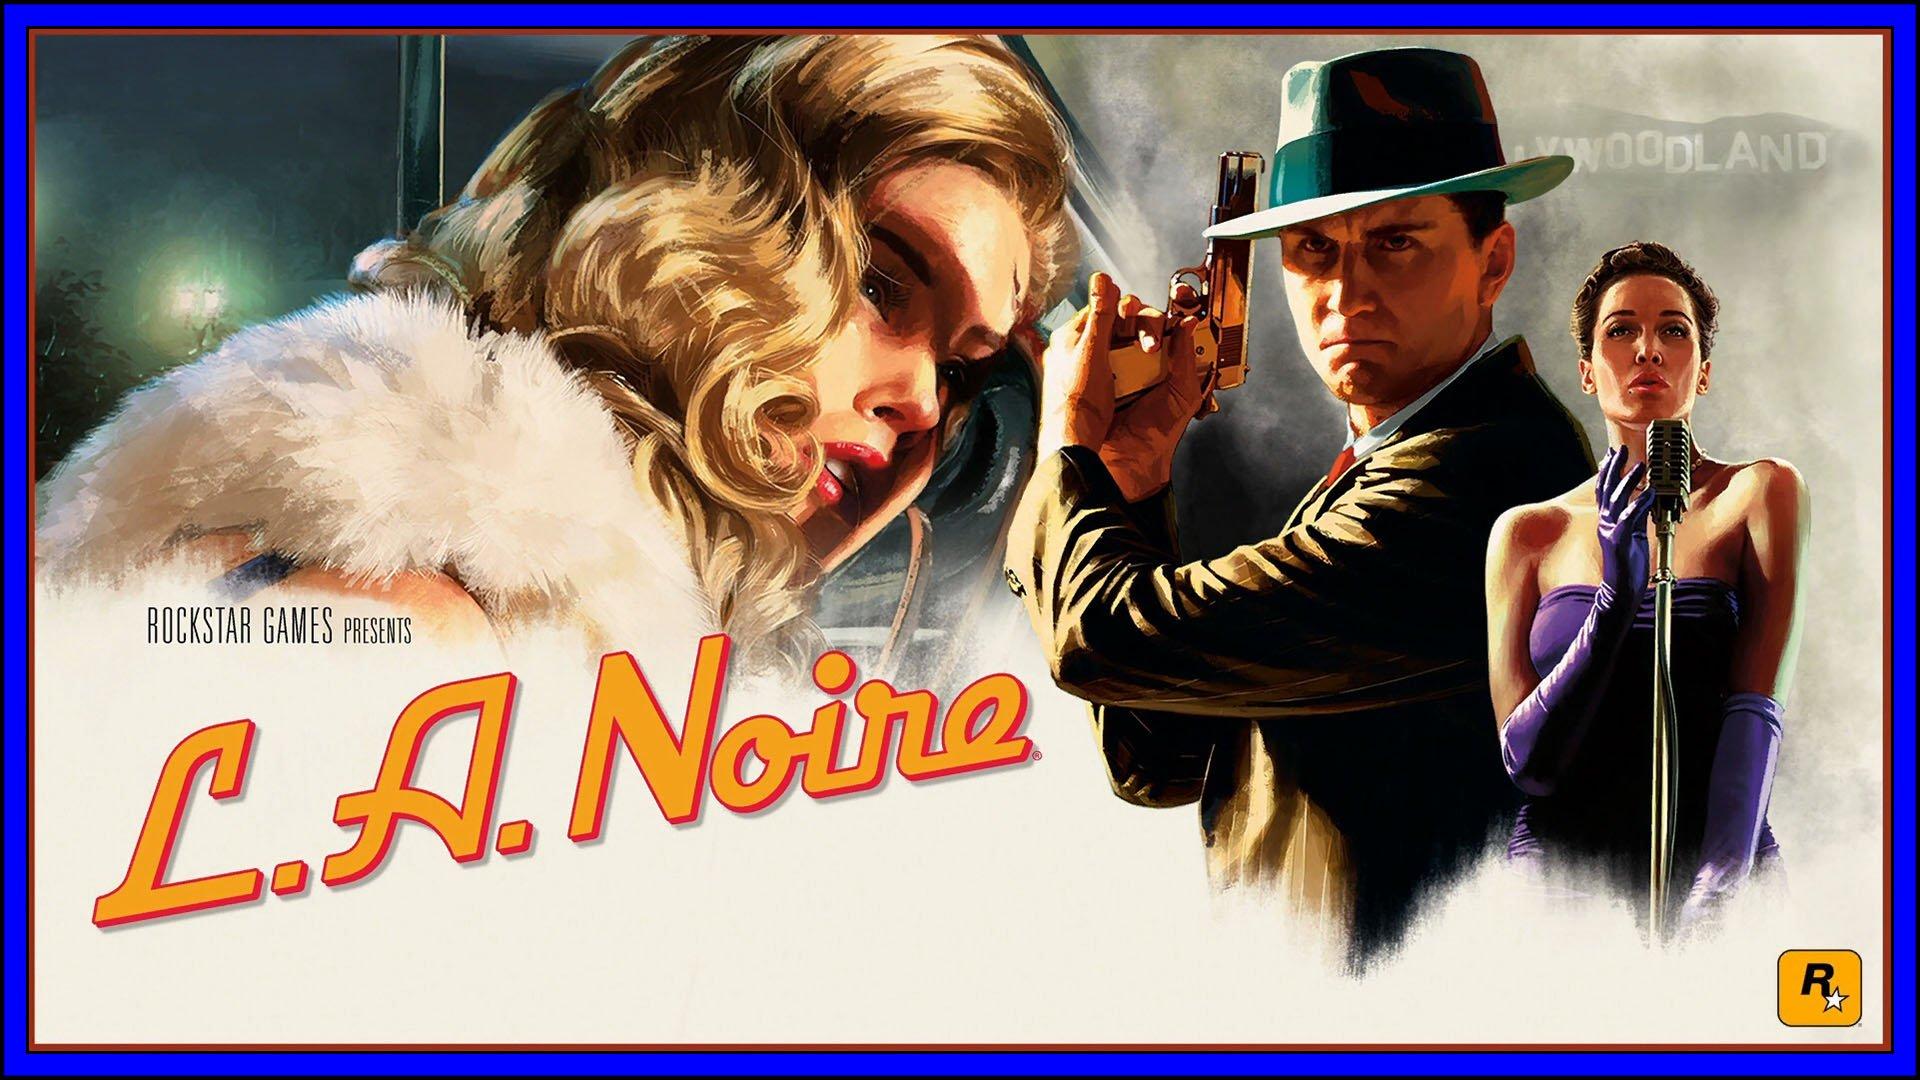 LA Noire Fi3